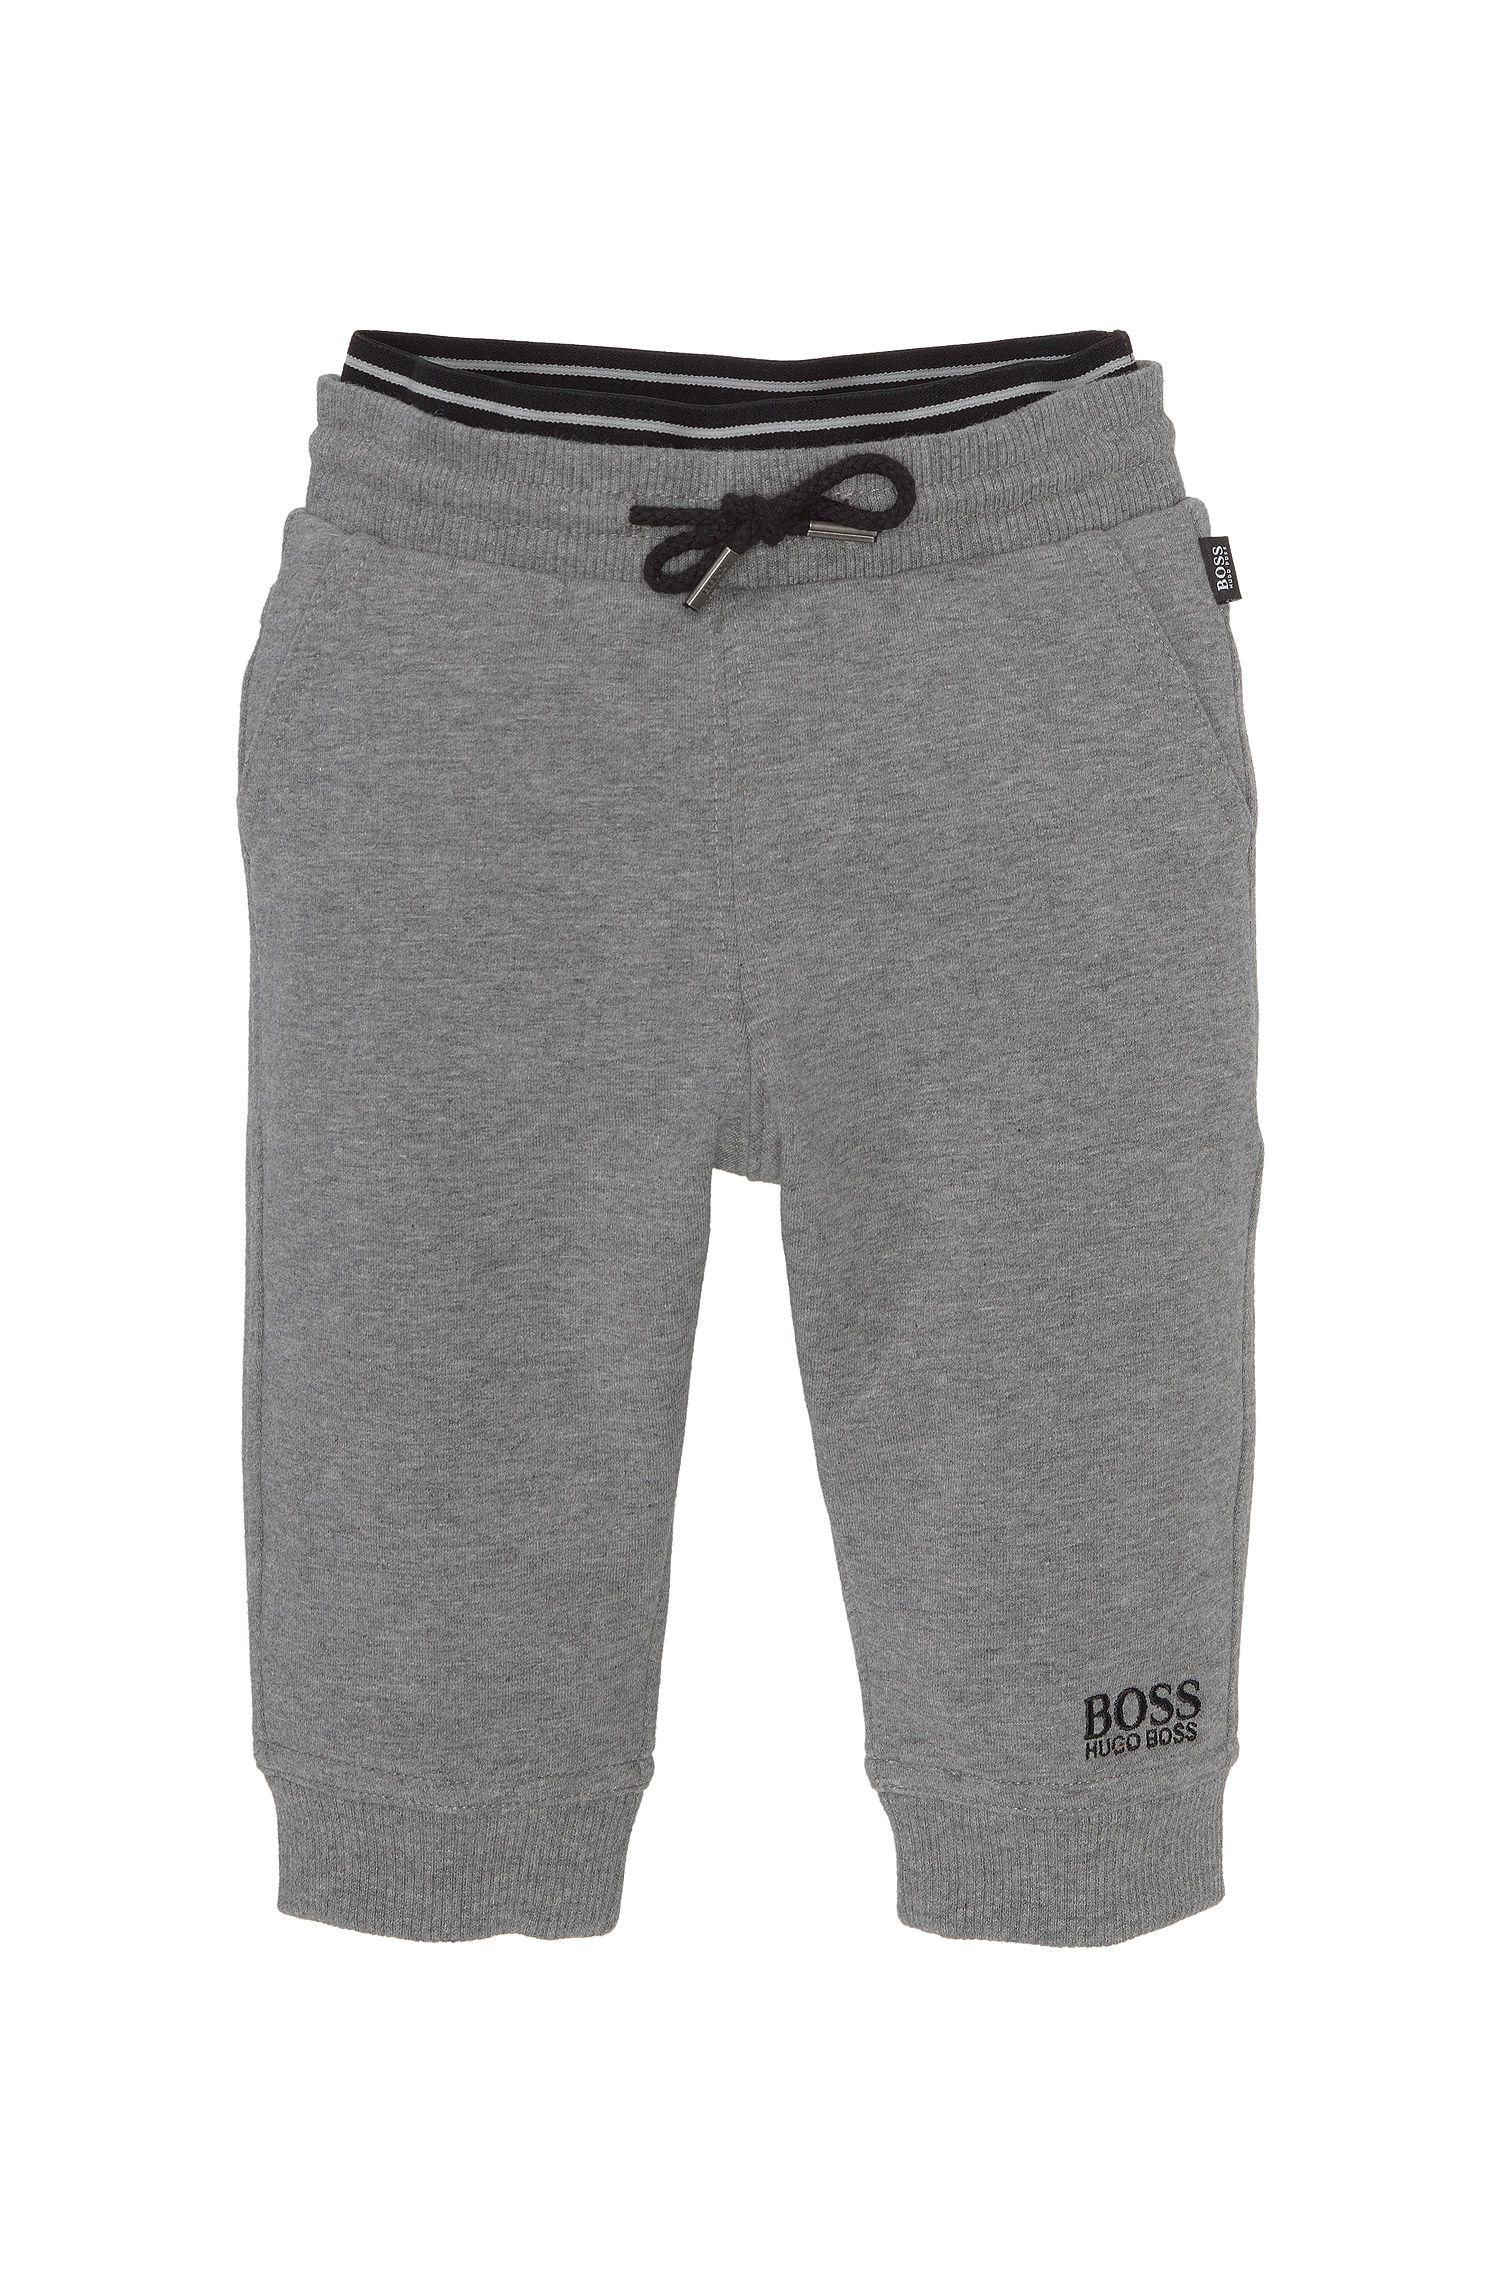 Pantalon de jogging pour enfant «J04158» en coton mélangé, Gris sombre